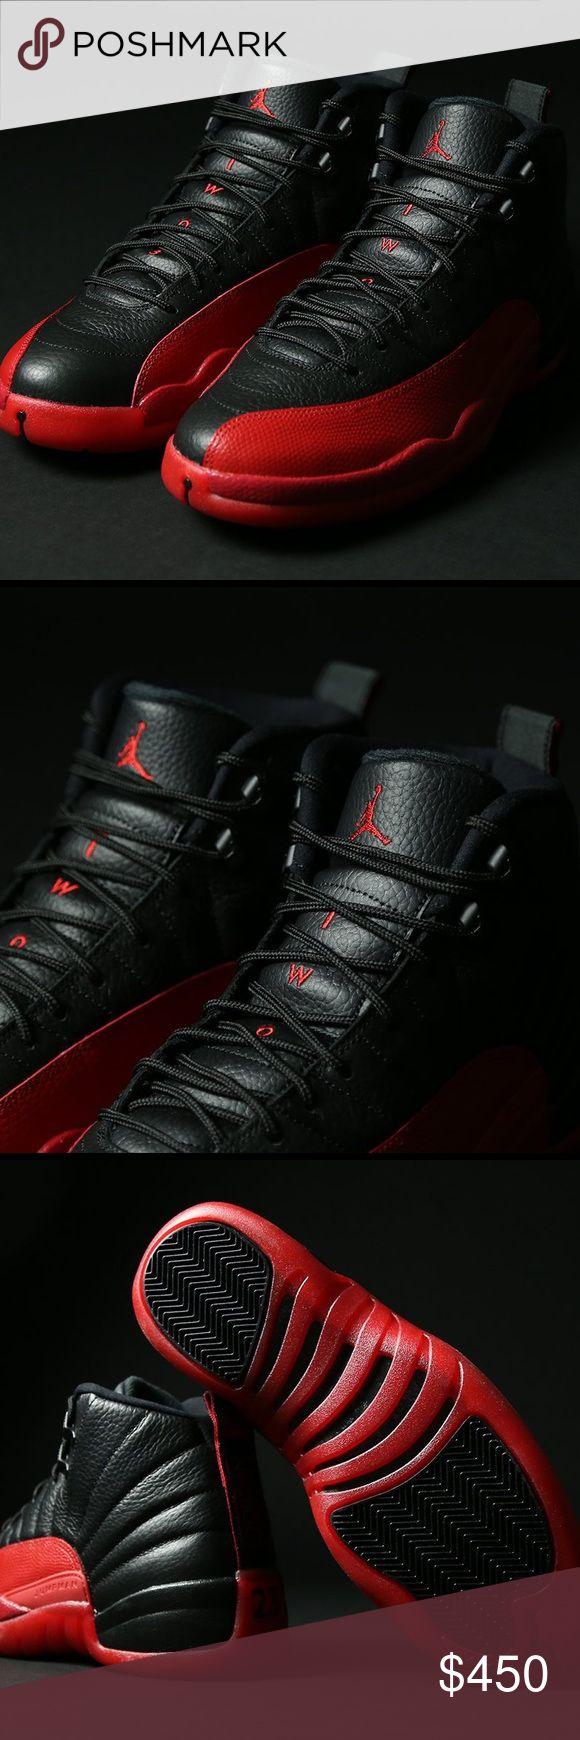 Jordan 12s Flu Game •Jordan 12 Flu Game (Men Sizes) Jordan Shoes Sneakers